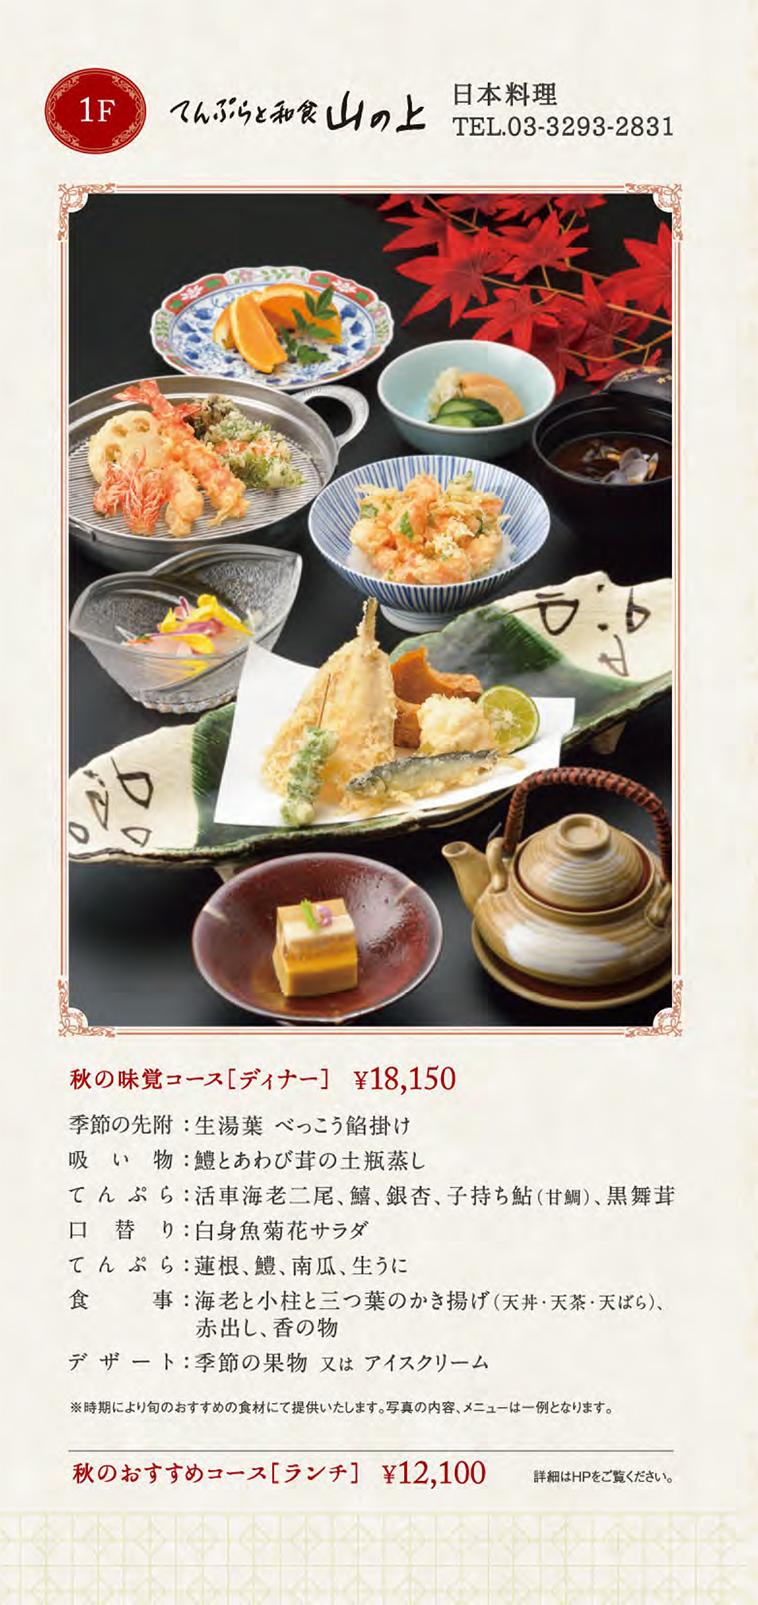 レストラン季節メニュー(秋)のご案内